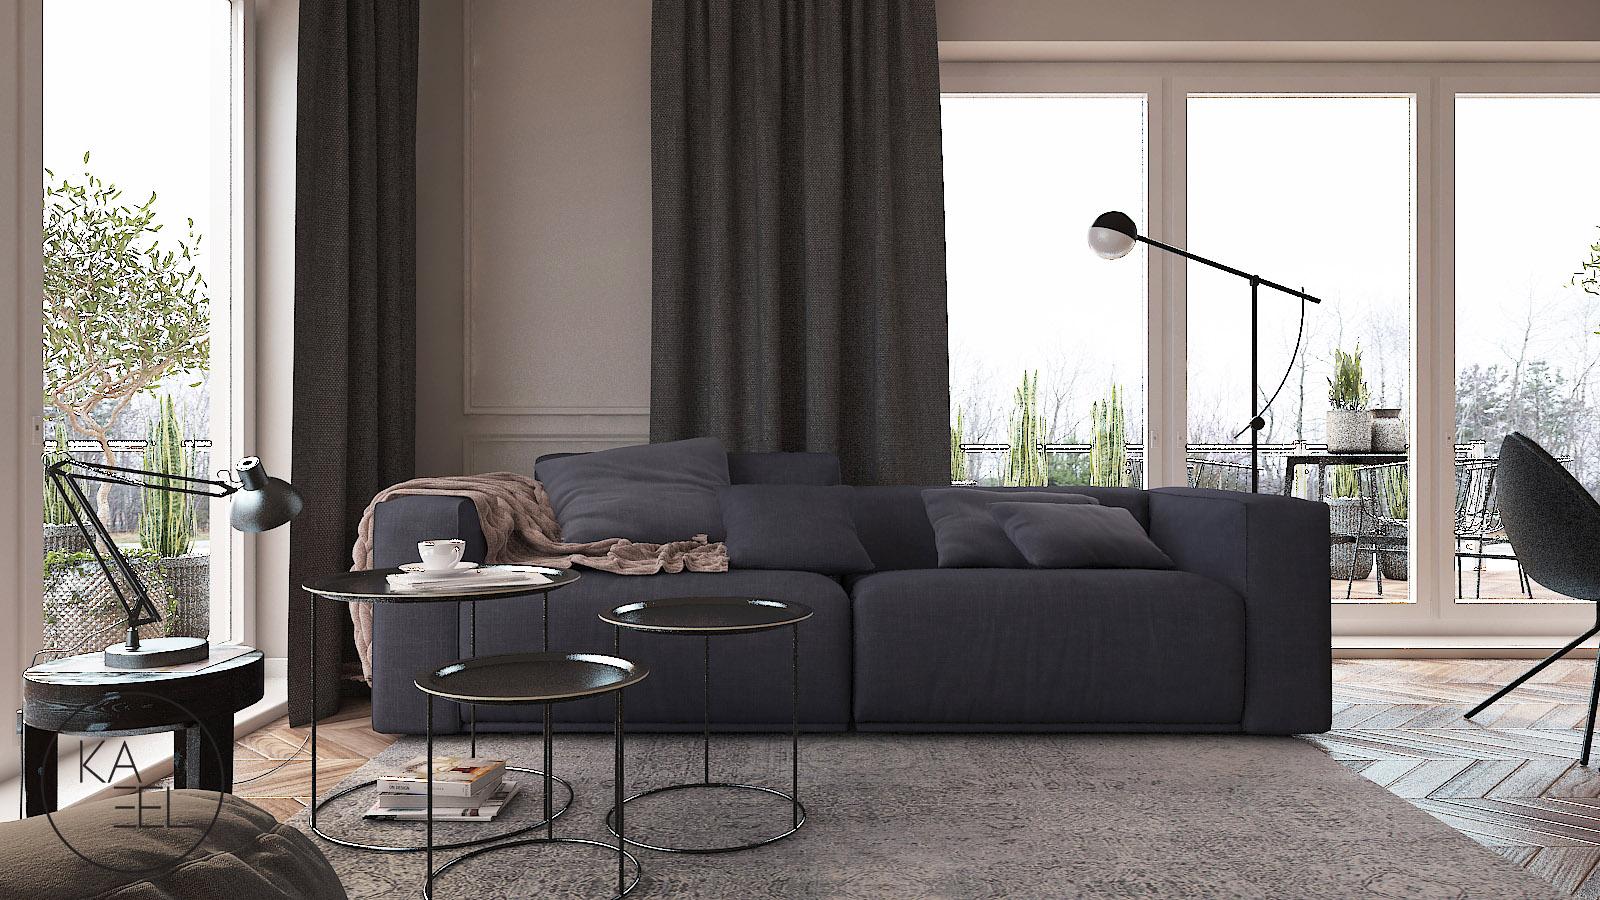 Stoliki kawowe oraz sofa